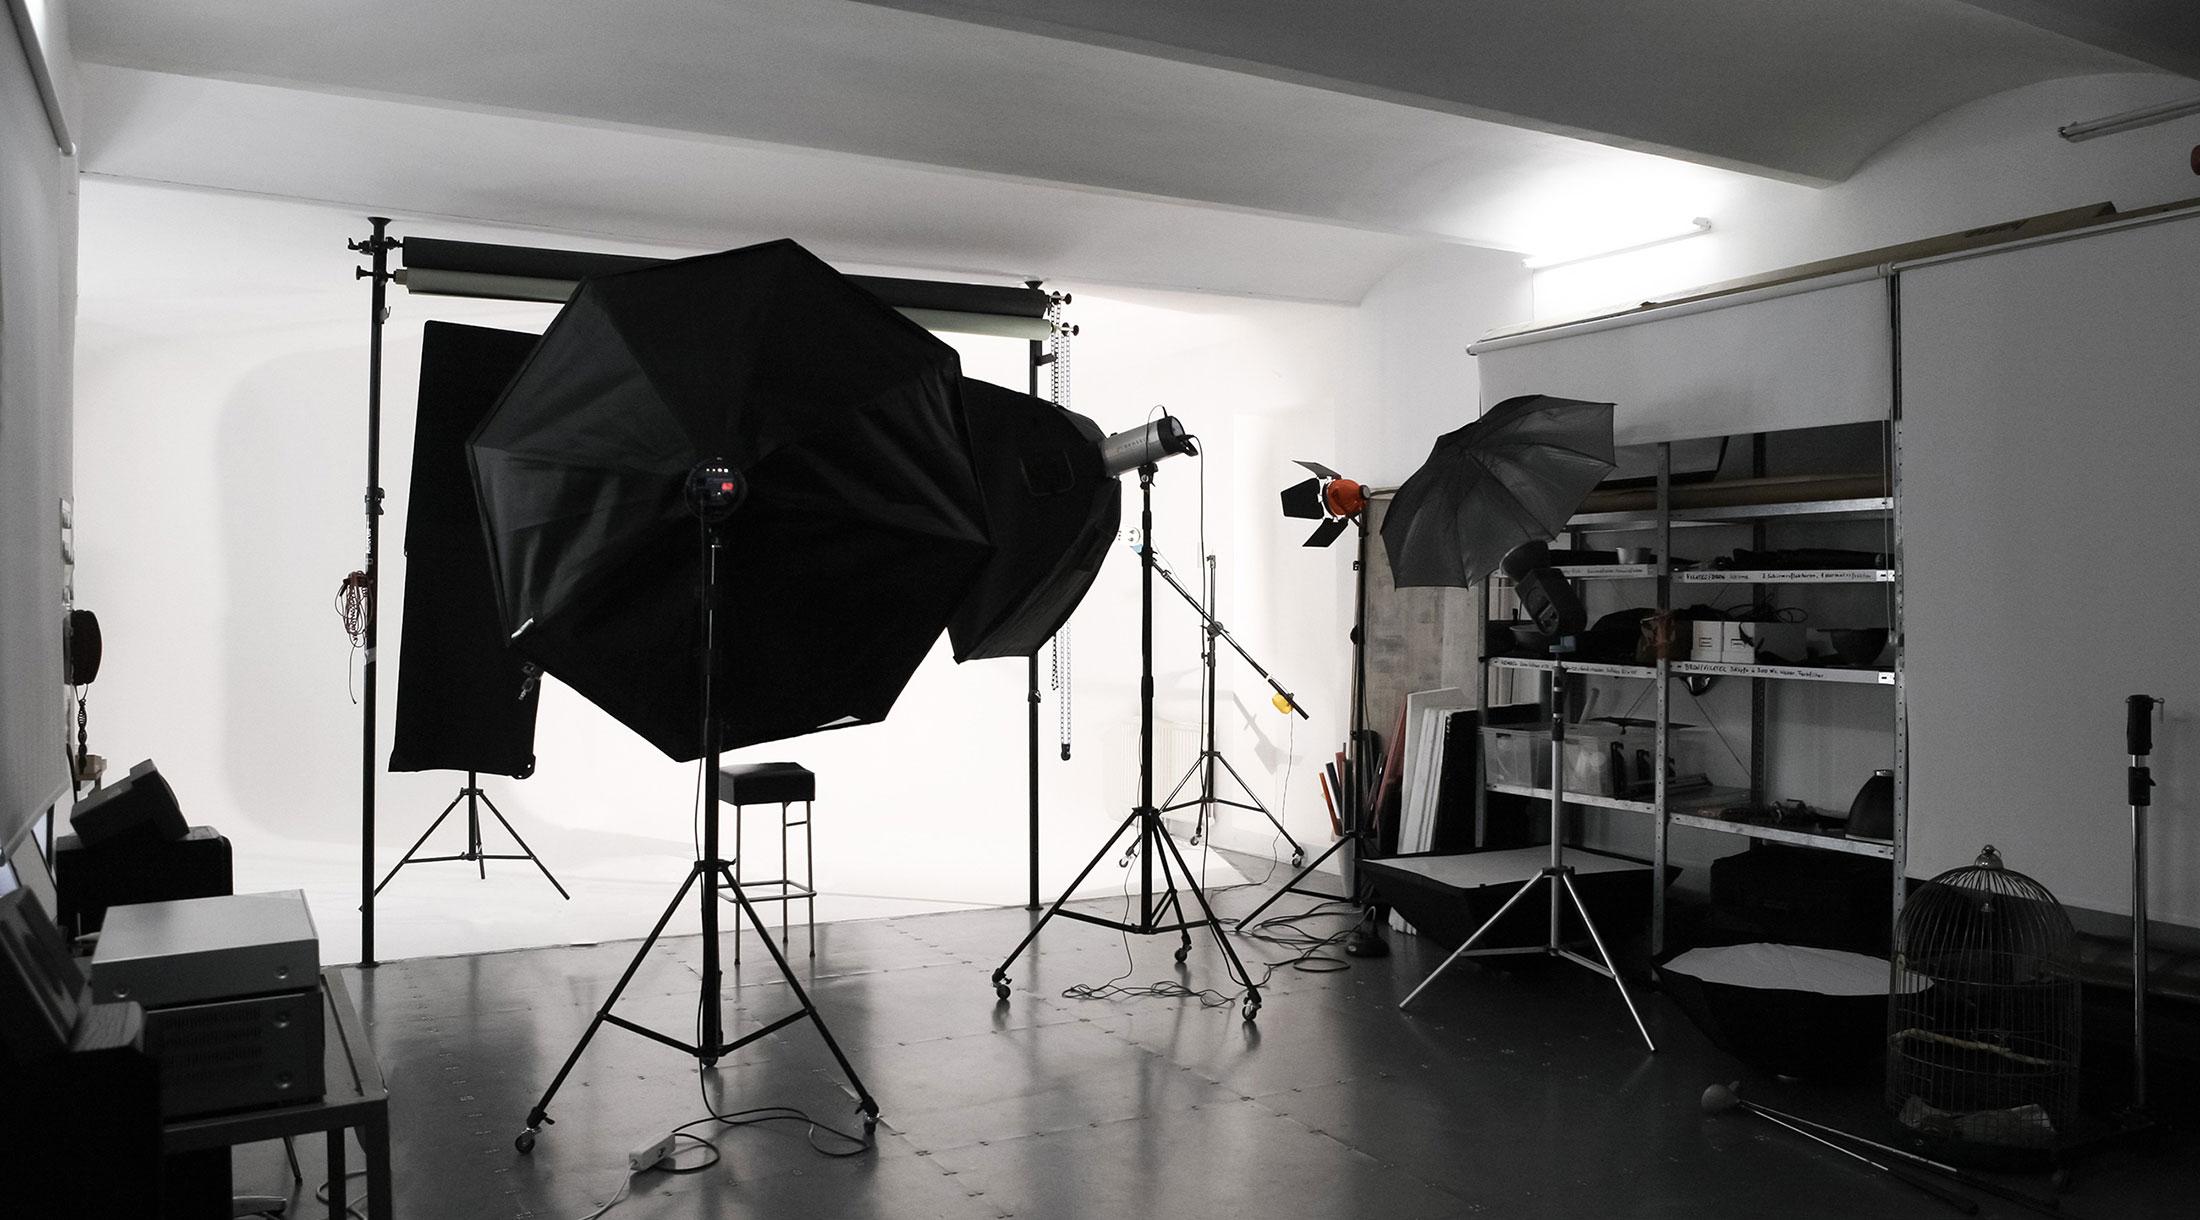 Fotostudio mieten in Wien für Fotografie, Film, Castings, Coachings, Workshops: FOTOLOFT WIEN